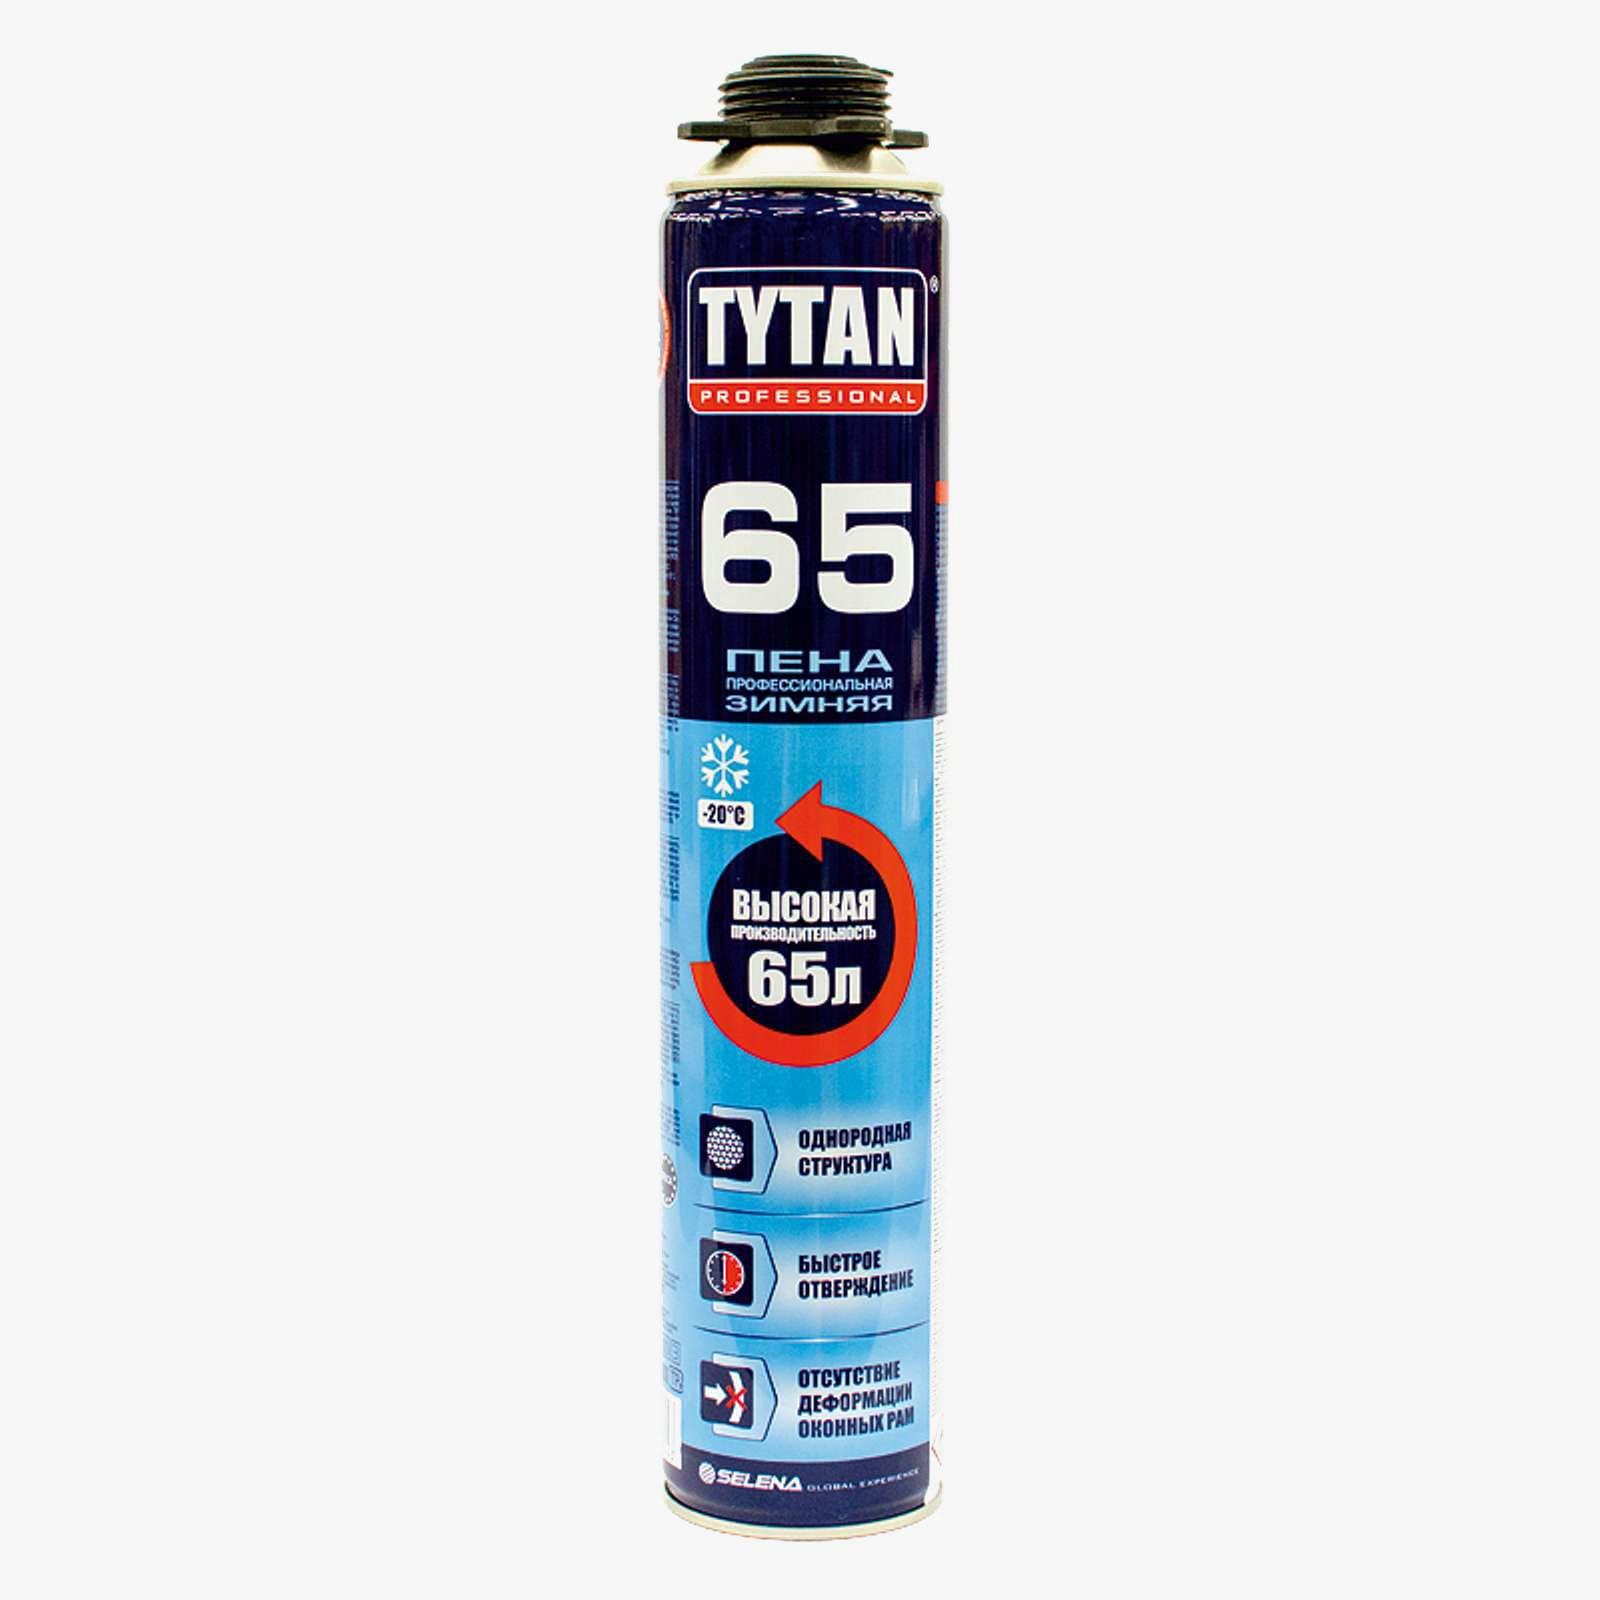 Пена монтажная профессиональная TYTAN 65 750мл (ЗИМА) - фото